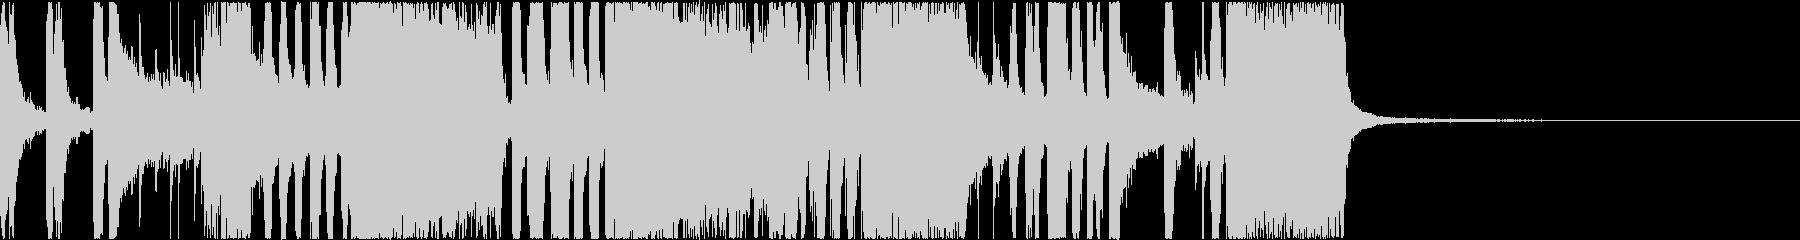 テーマ曲風ビッグバンド_VS01の未再生の波形